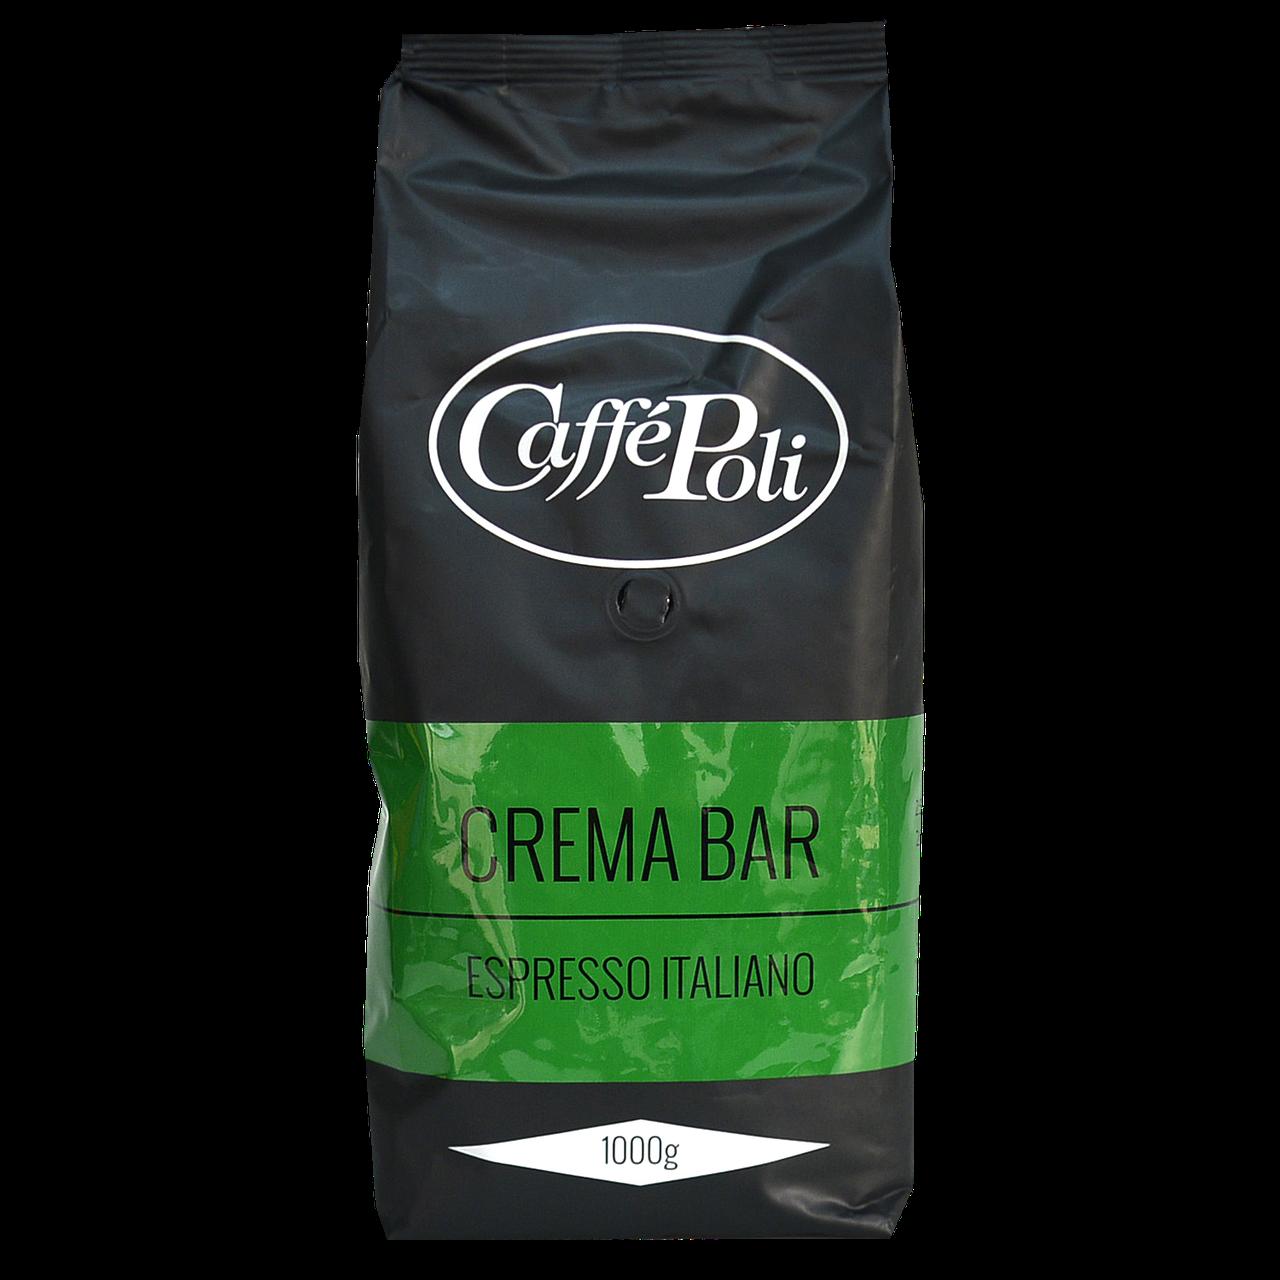 Кофе в зернах Caffe Poli Crema Bar 1кг 35/65